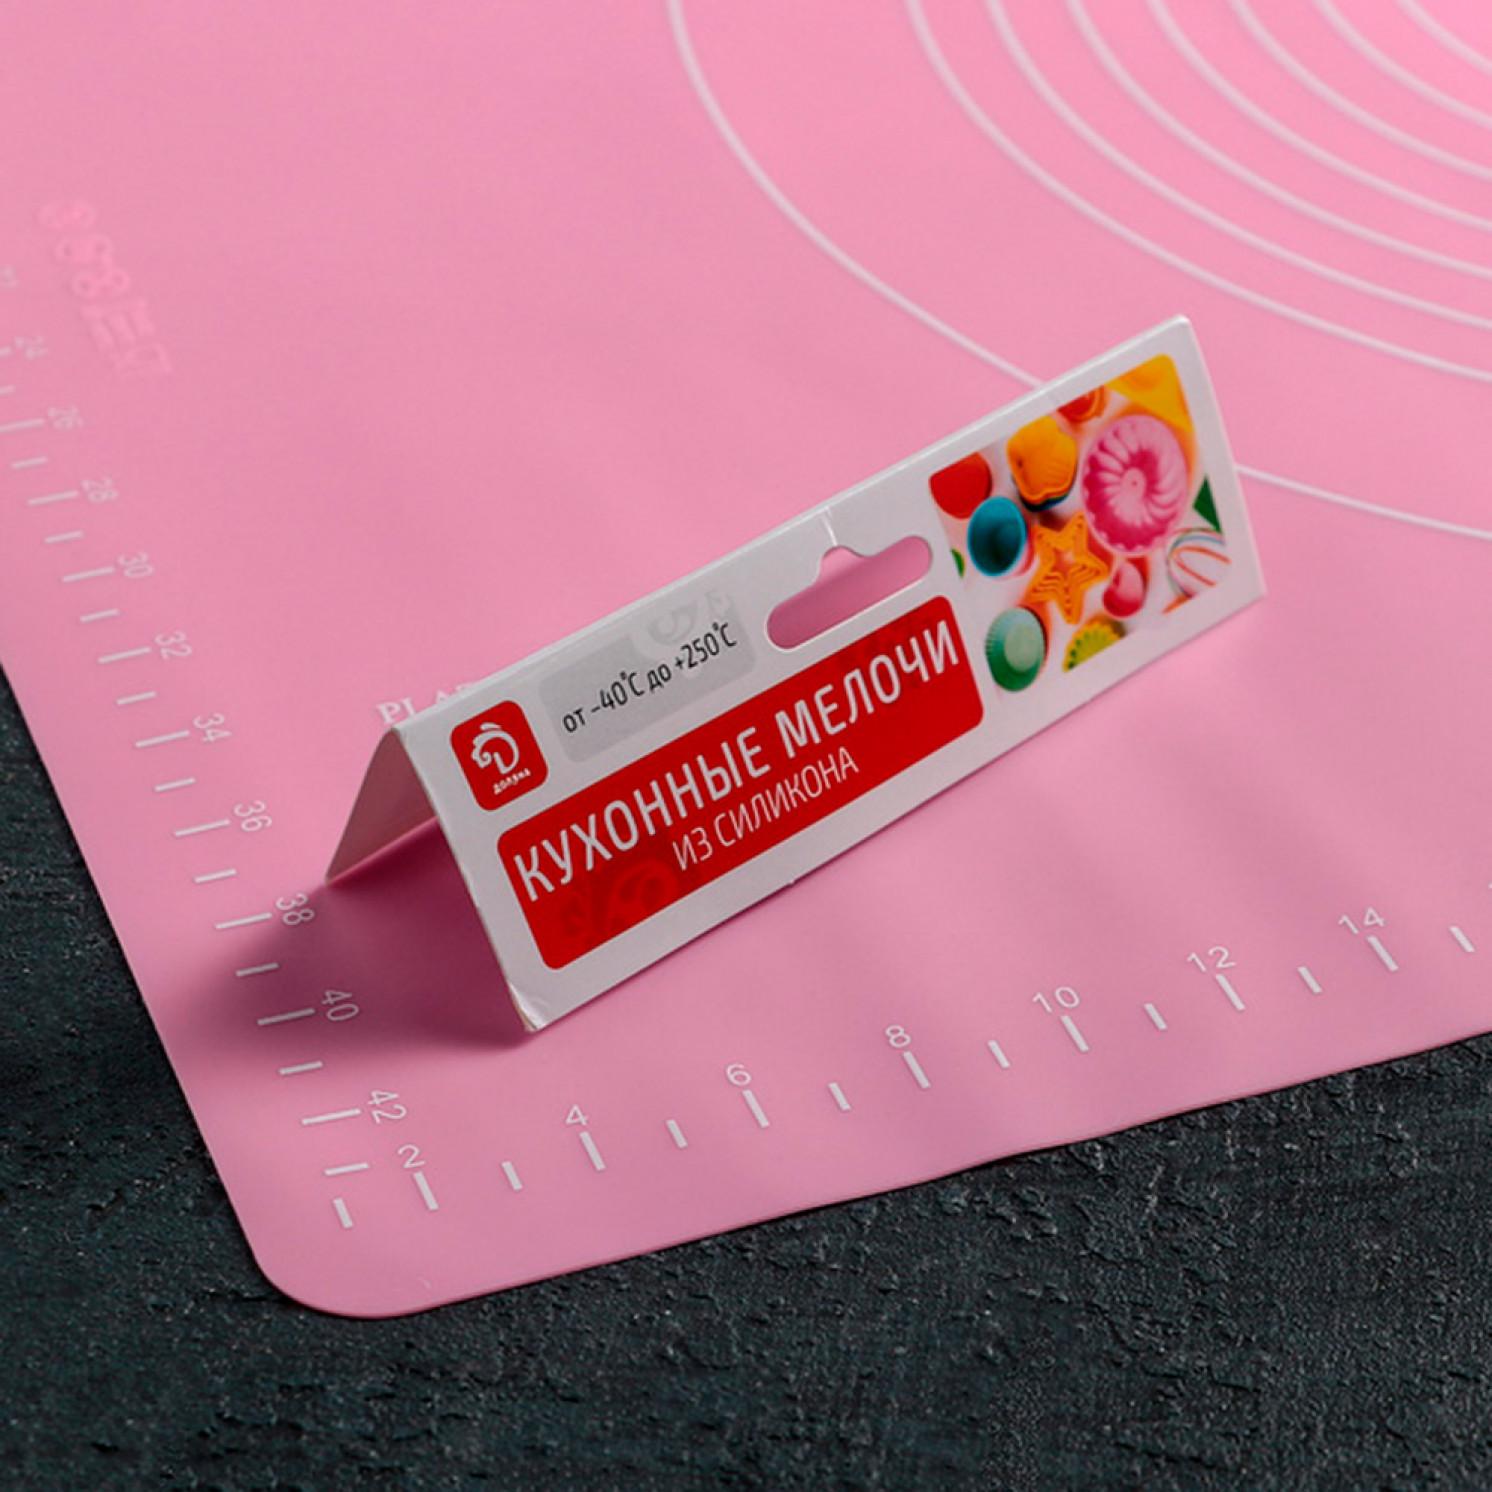 Коврик с разлиновкой «Эрме», 64,5×45 см, цвет МИКС